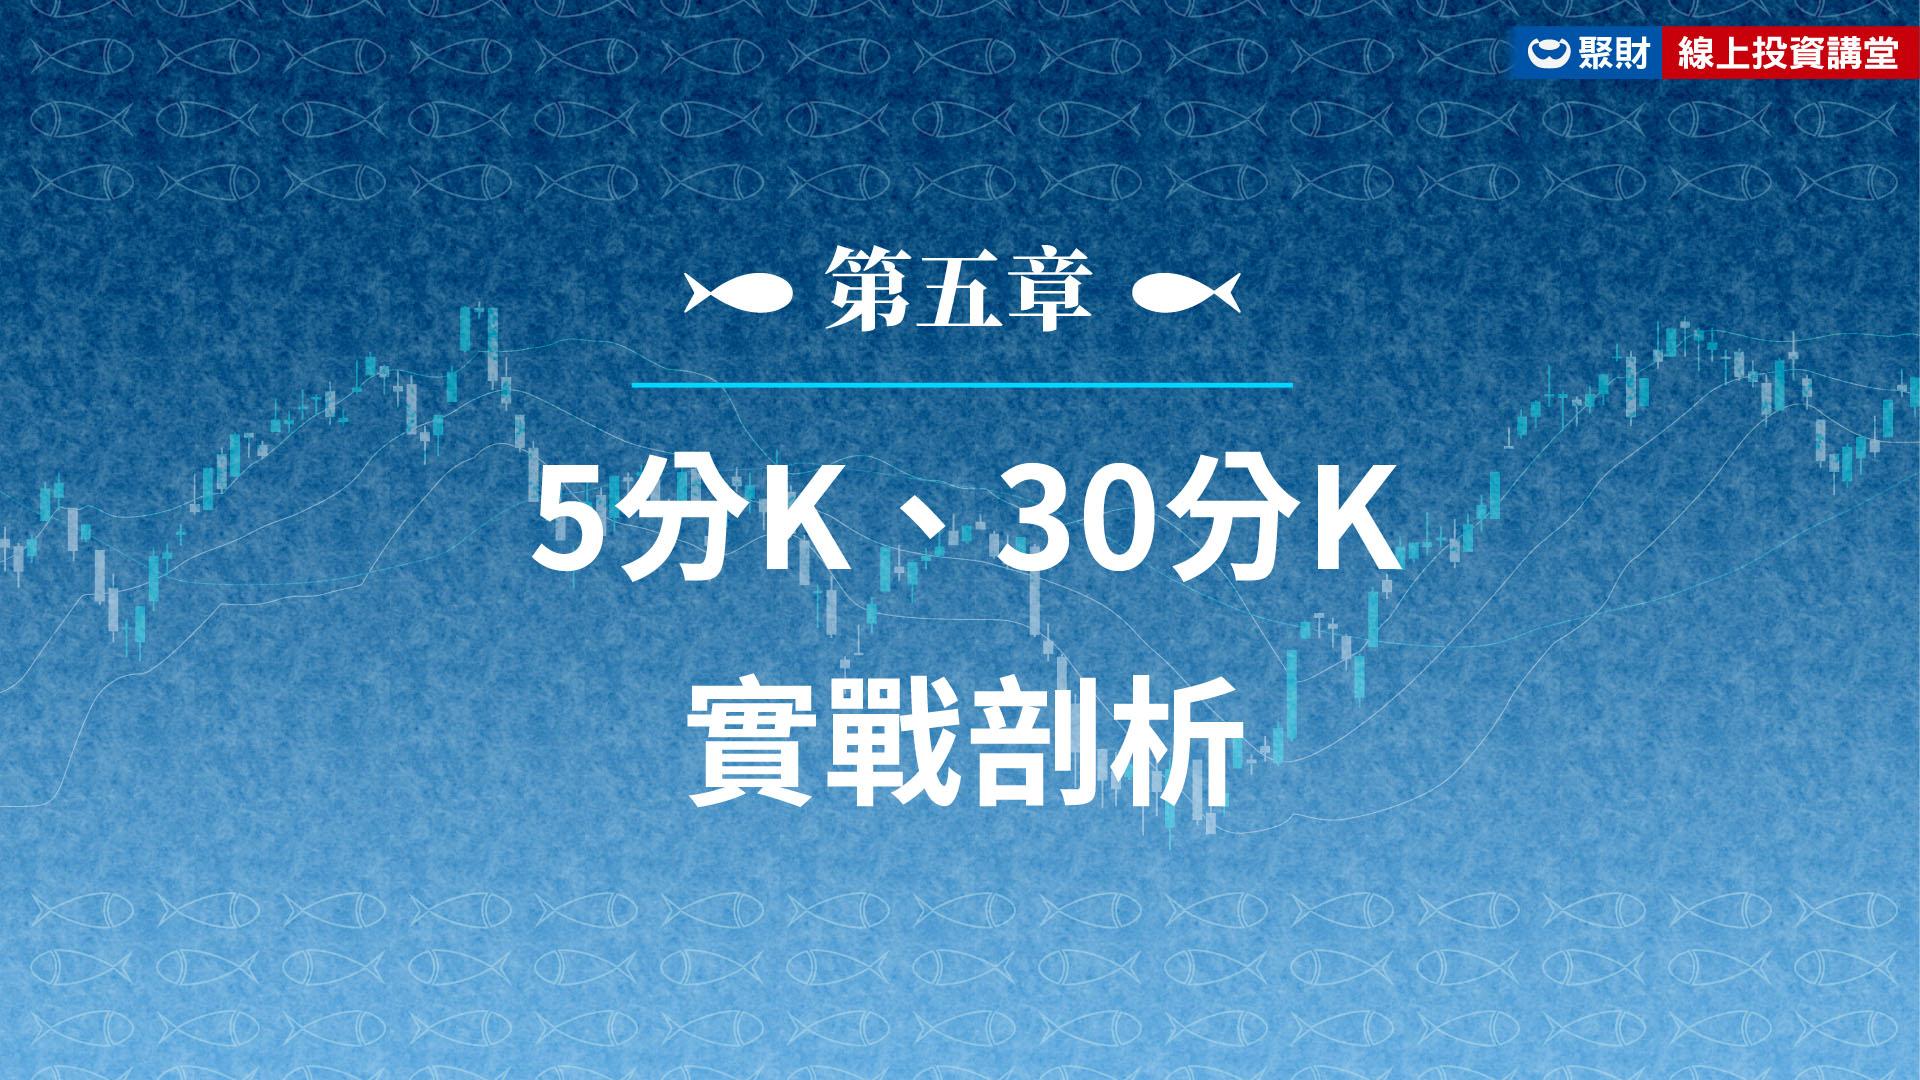 海龍王-第五章:5分K、30分K實戰剖析